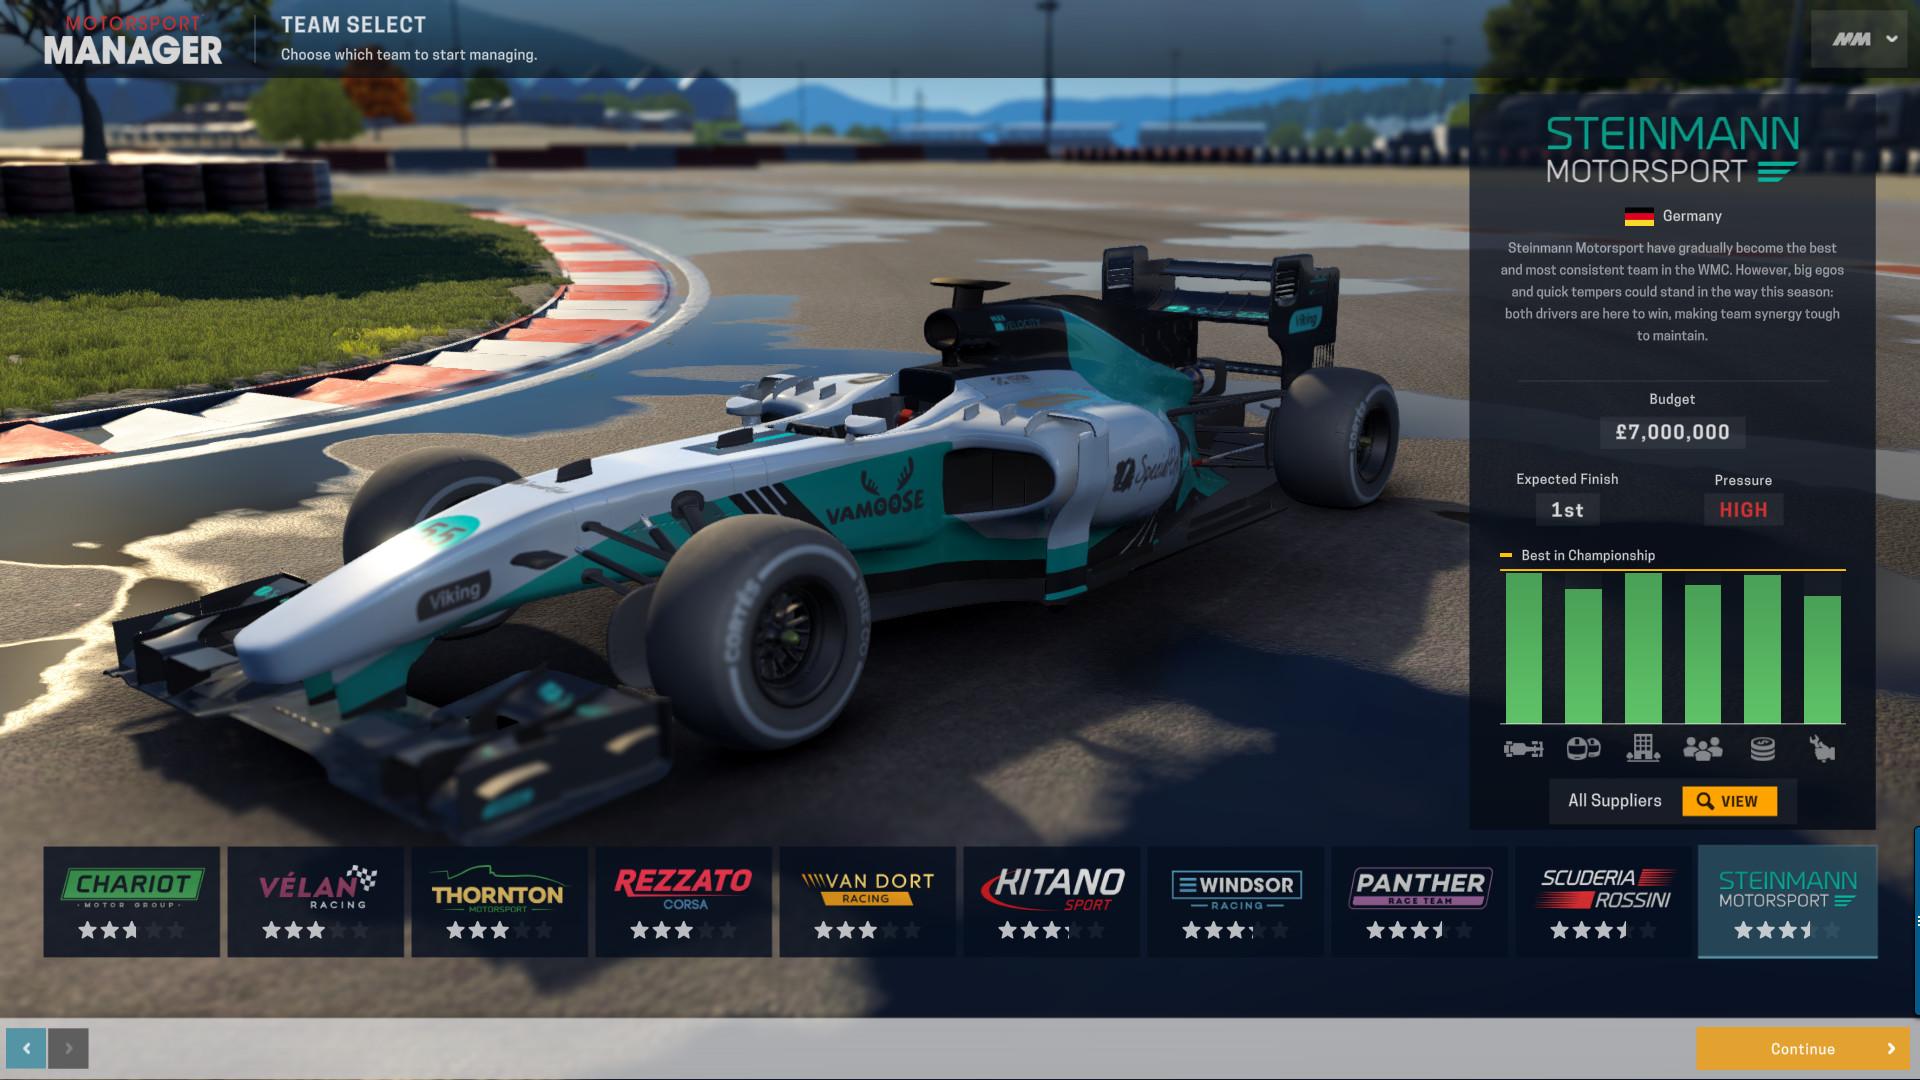 Find the best laptop for Motorsport Manager